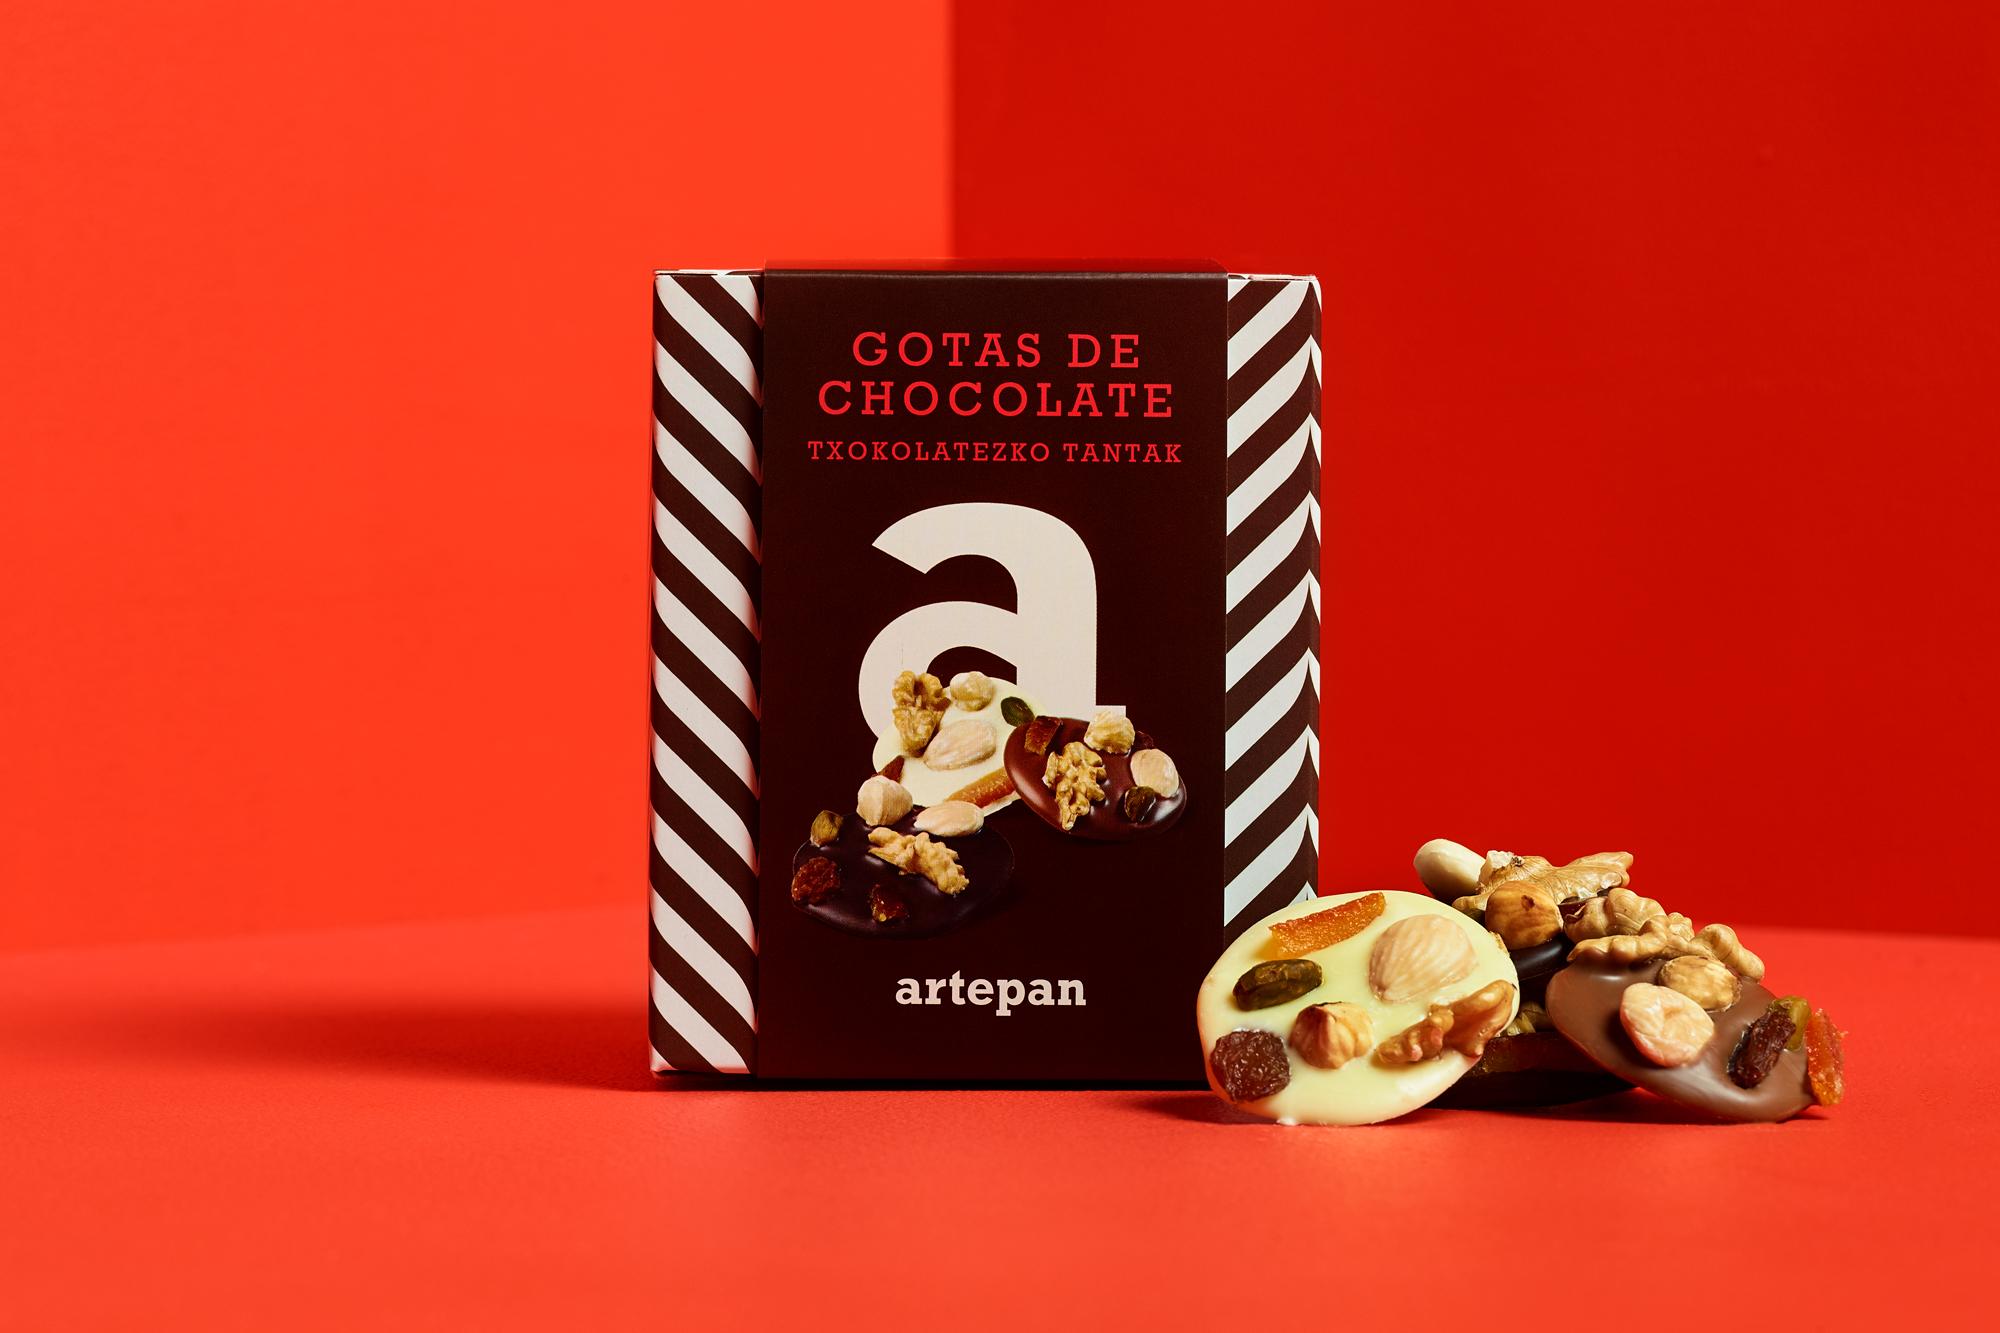 Artepan-packaging-4